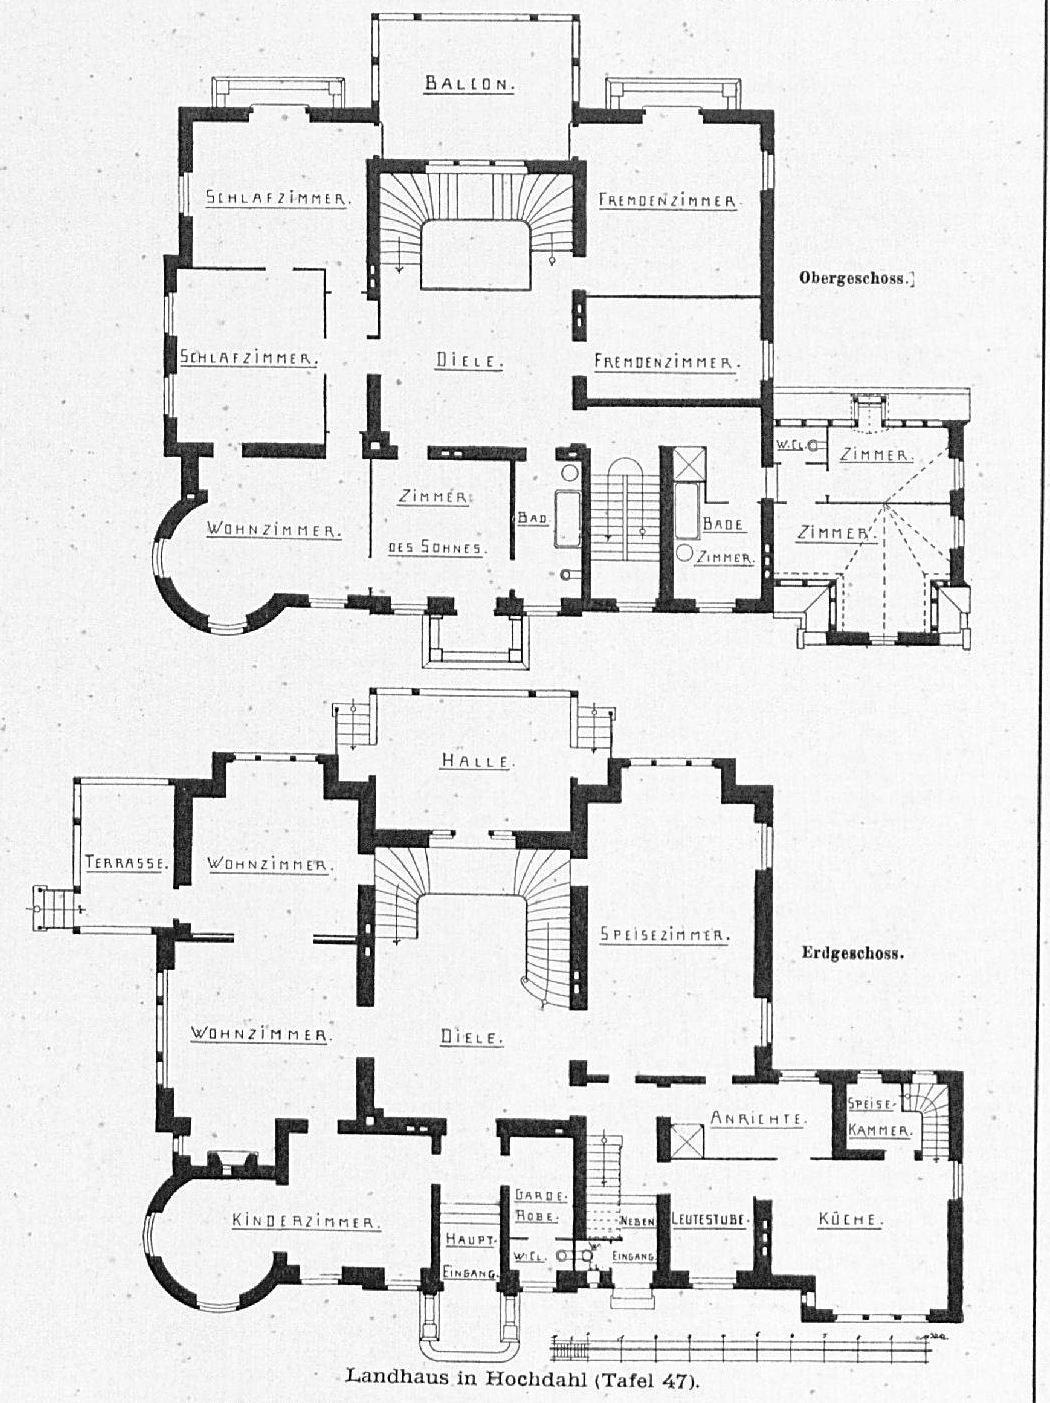 file haus in hochdahl bei d sseldorf architekten kayser von groszheim d sseldorf tafel 47. Black Bedroom Furniture Sets. Home Design Ideas